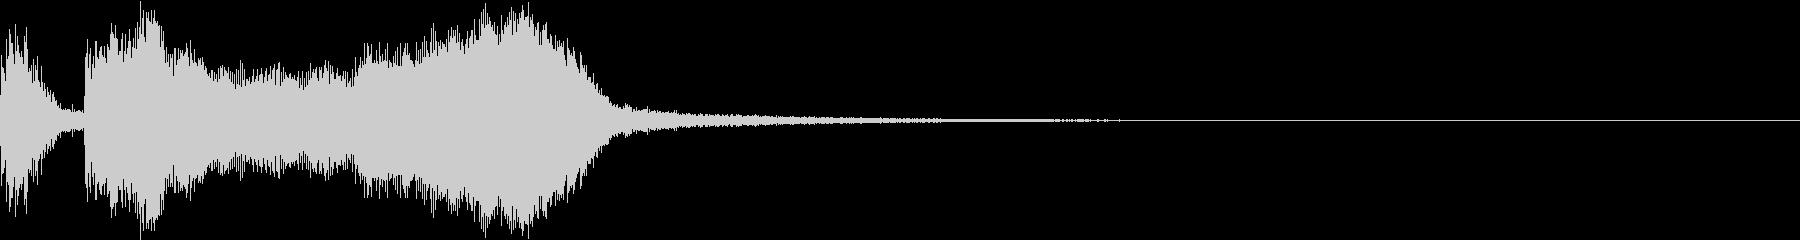 テッテレー7/上がっていく音 超快適の未再生の波形